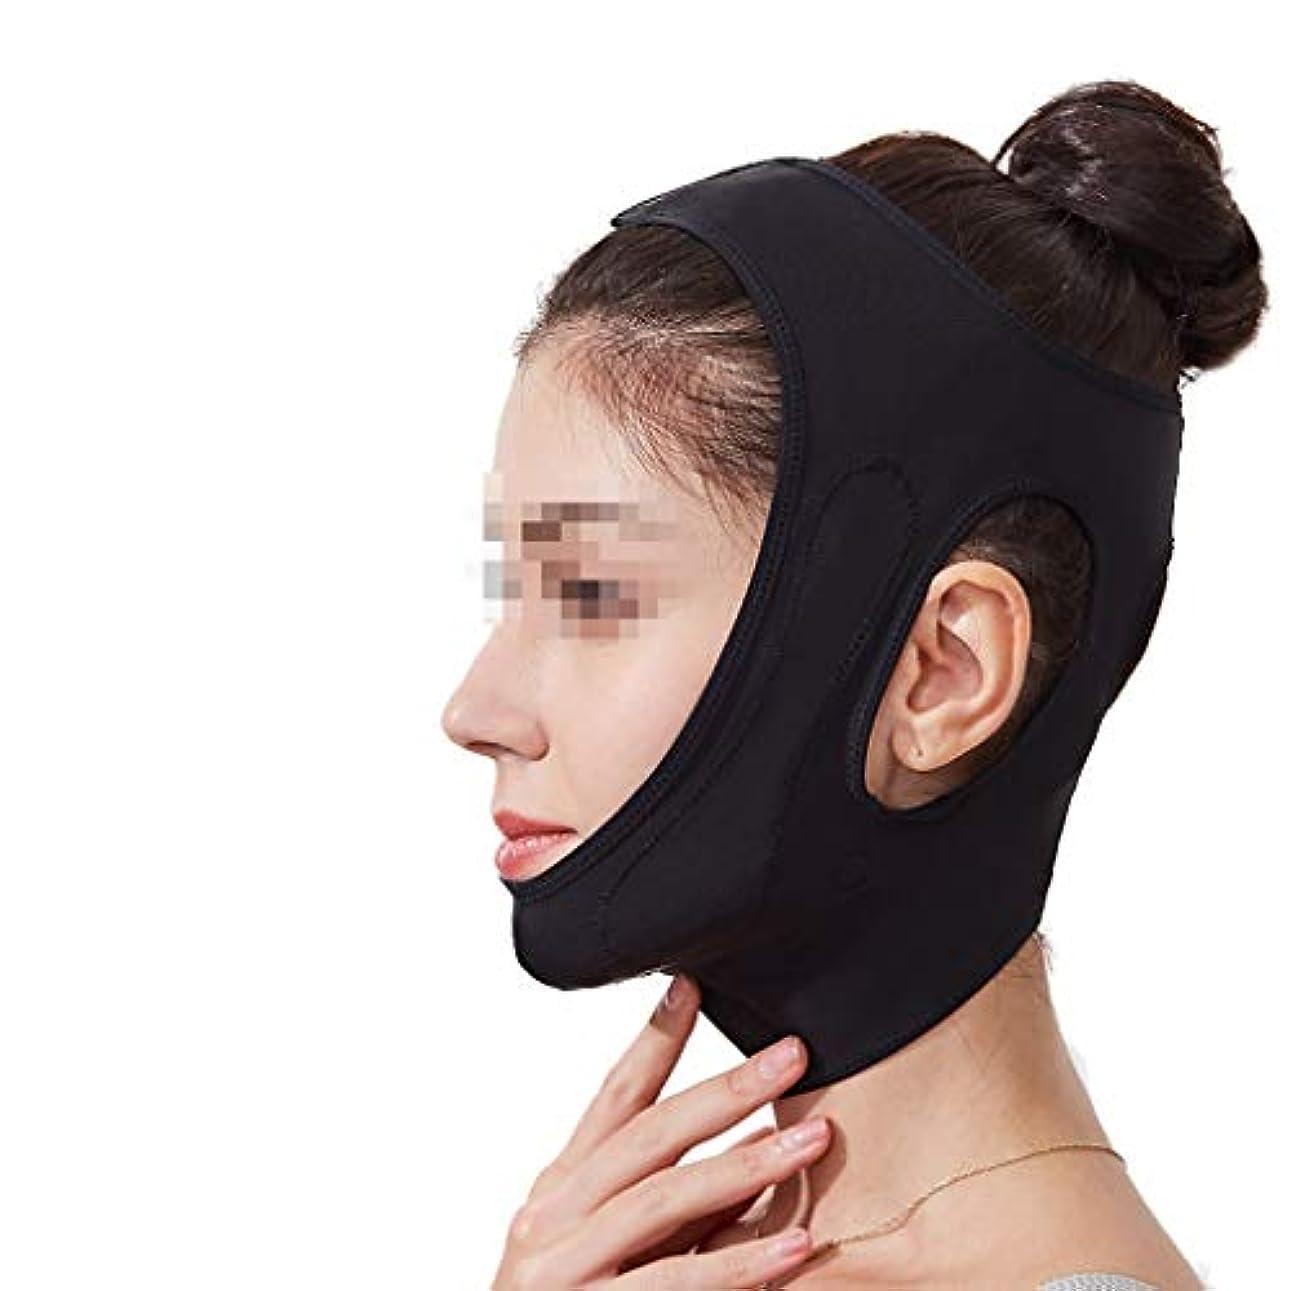 熟達しかしスナッチフェイスリフティング包帯、フェイスマスクフェイスリフトあご快適な顔マルチカラーオプション (Color : Black)